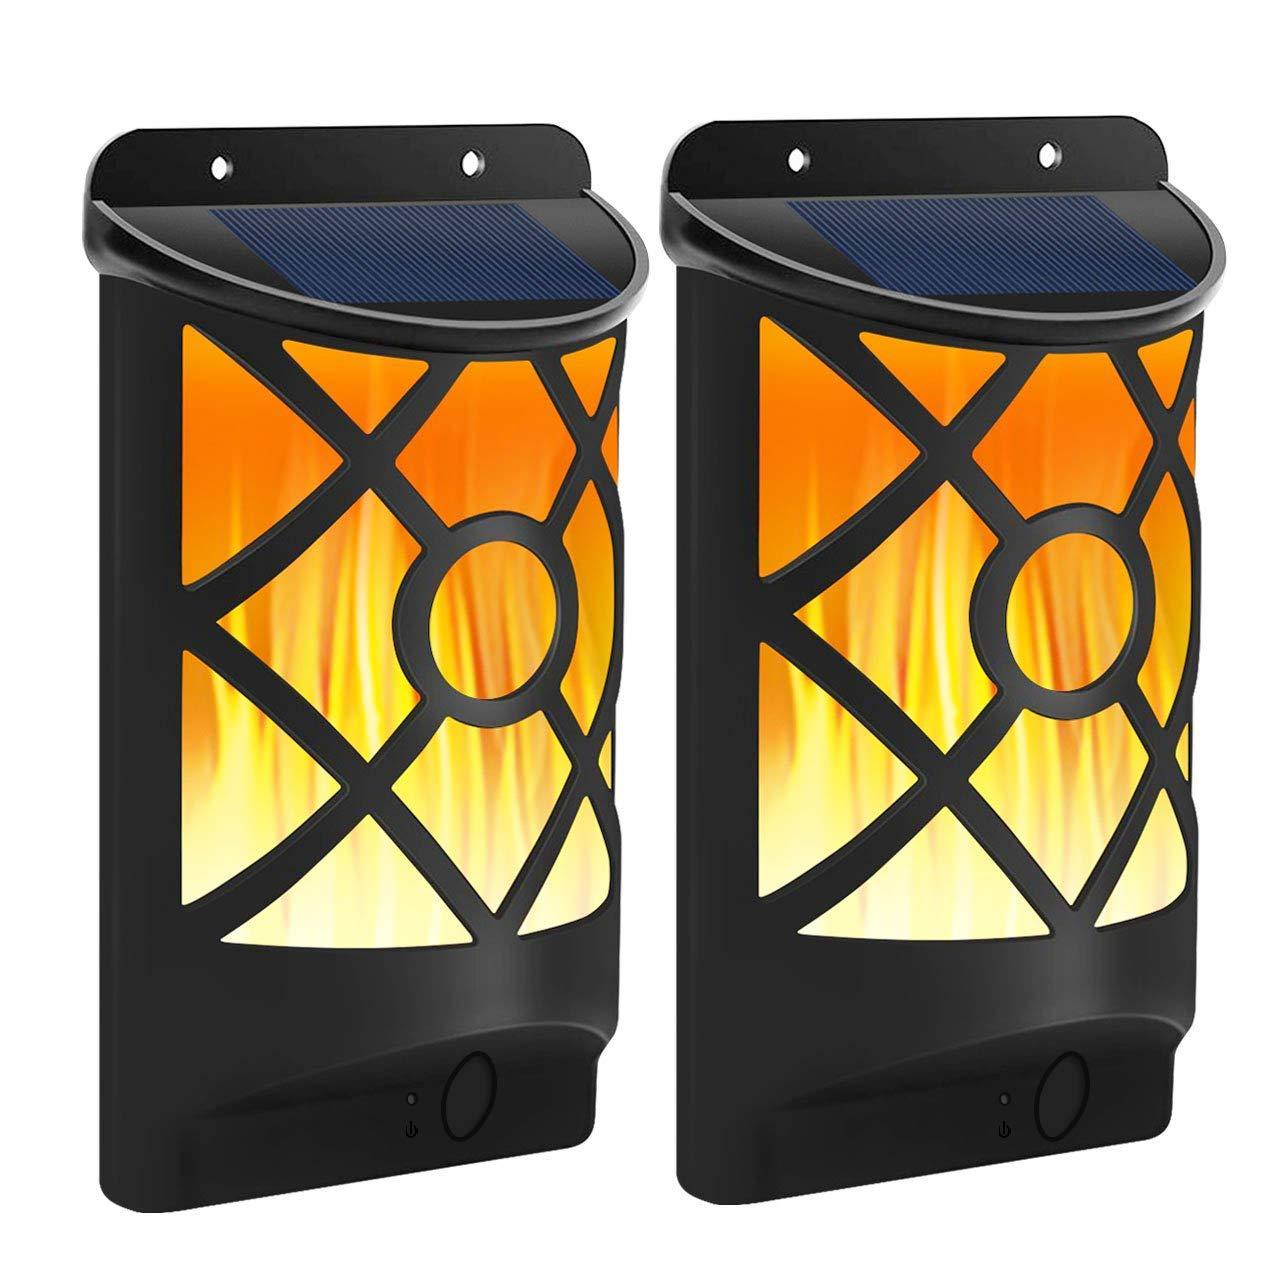 102 LED Solar Leuchte Solarlampe Gartenlicht Wandleuchte Flamme Außenleuchte NEU